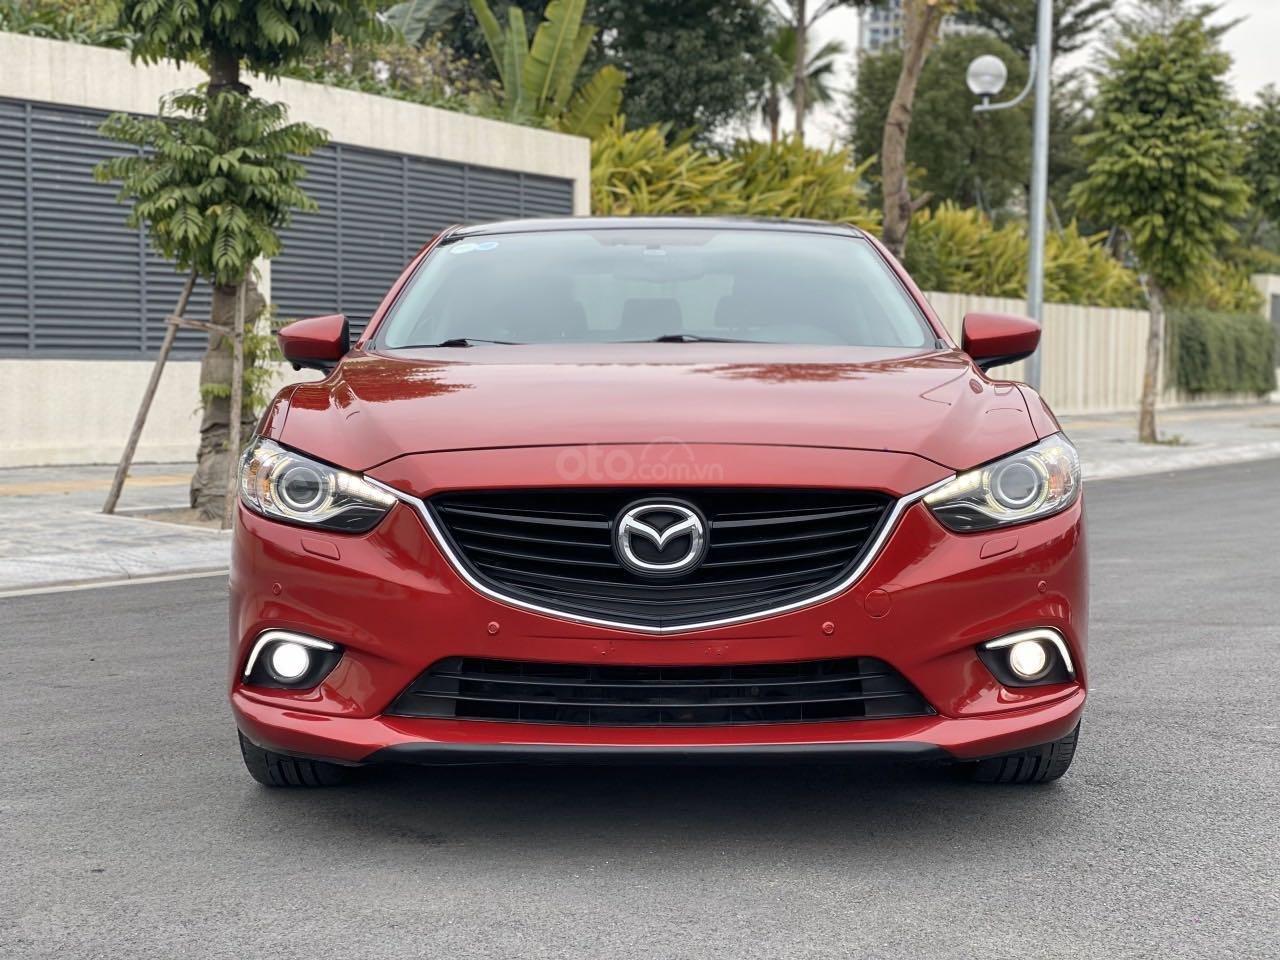 Bán nhanh chiếc Mazda 6 2.5AT 2015 chủ đi cực giữ gìn (1)